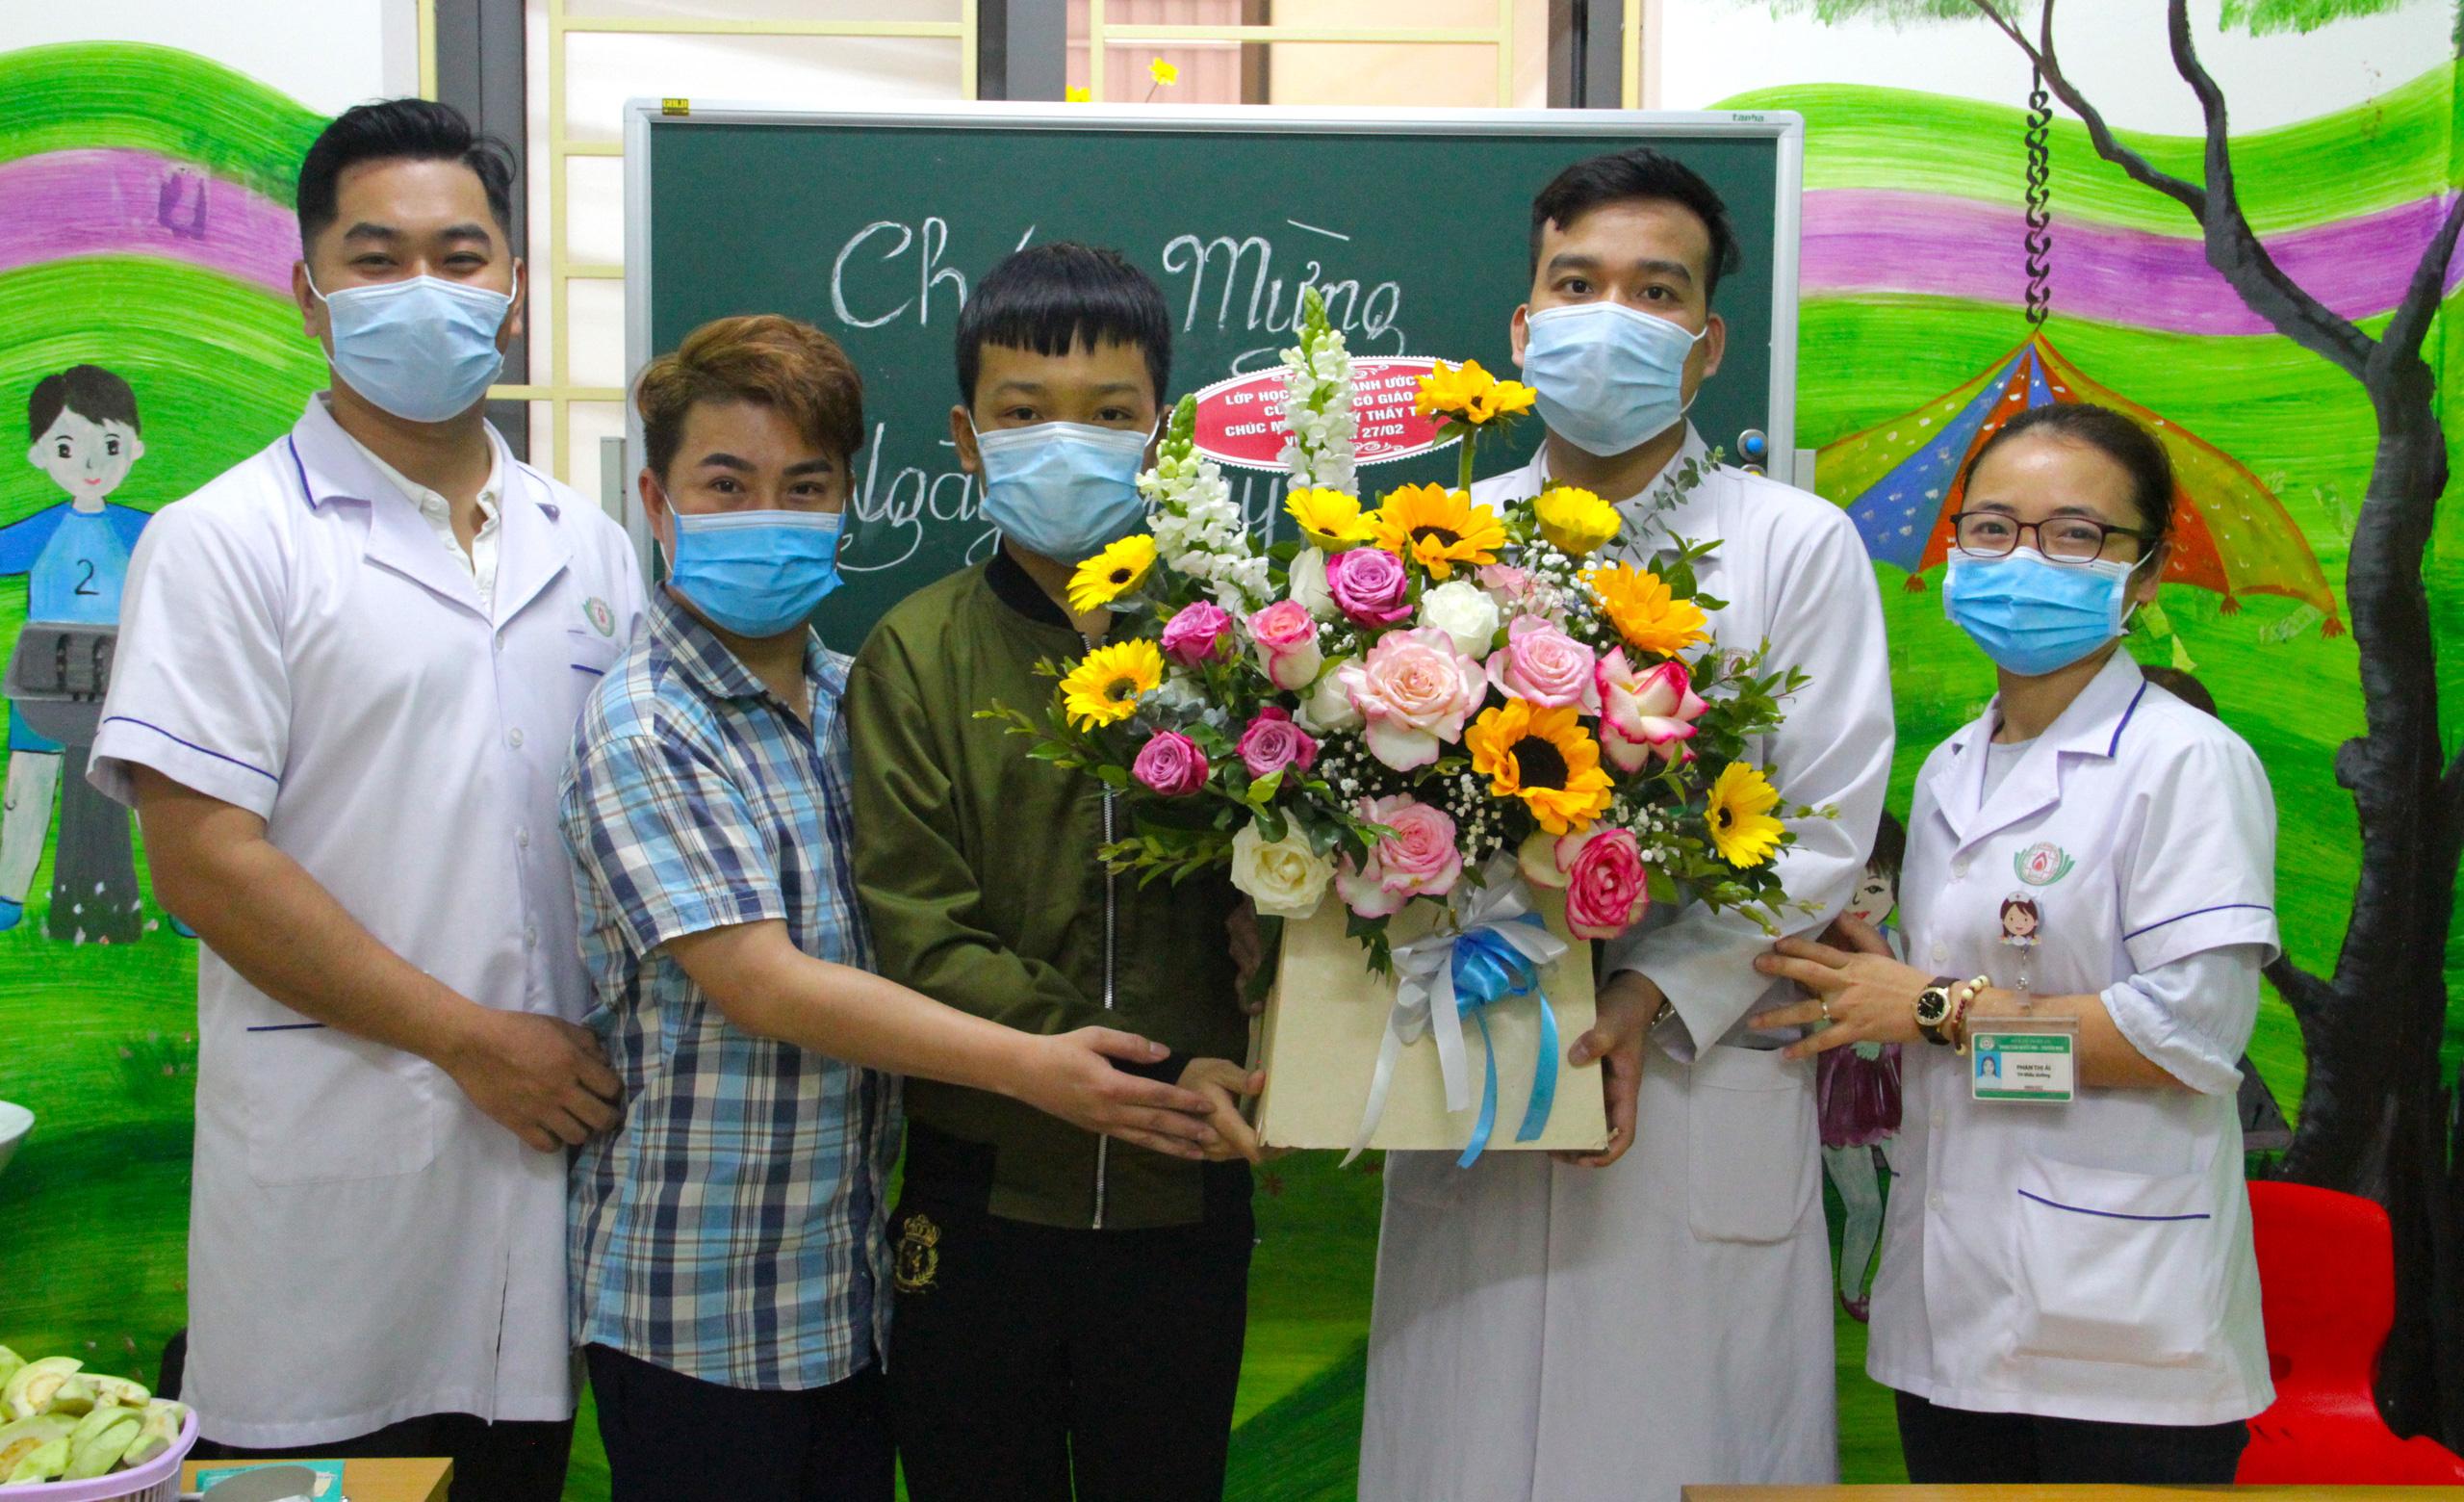 Lớp học đặc biệt trong trung tâm truyền máu, thầy cô là những người khoác áo blouse trắng - Ảnh 17.